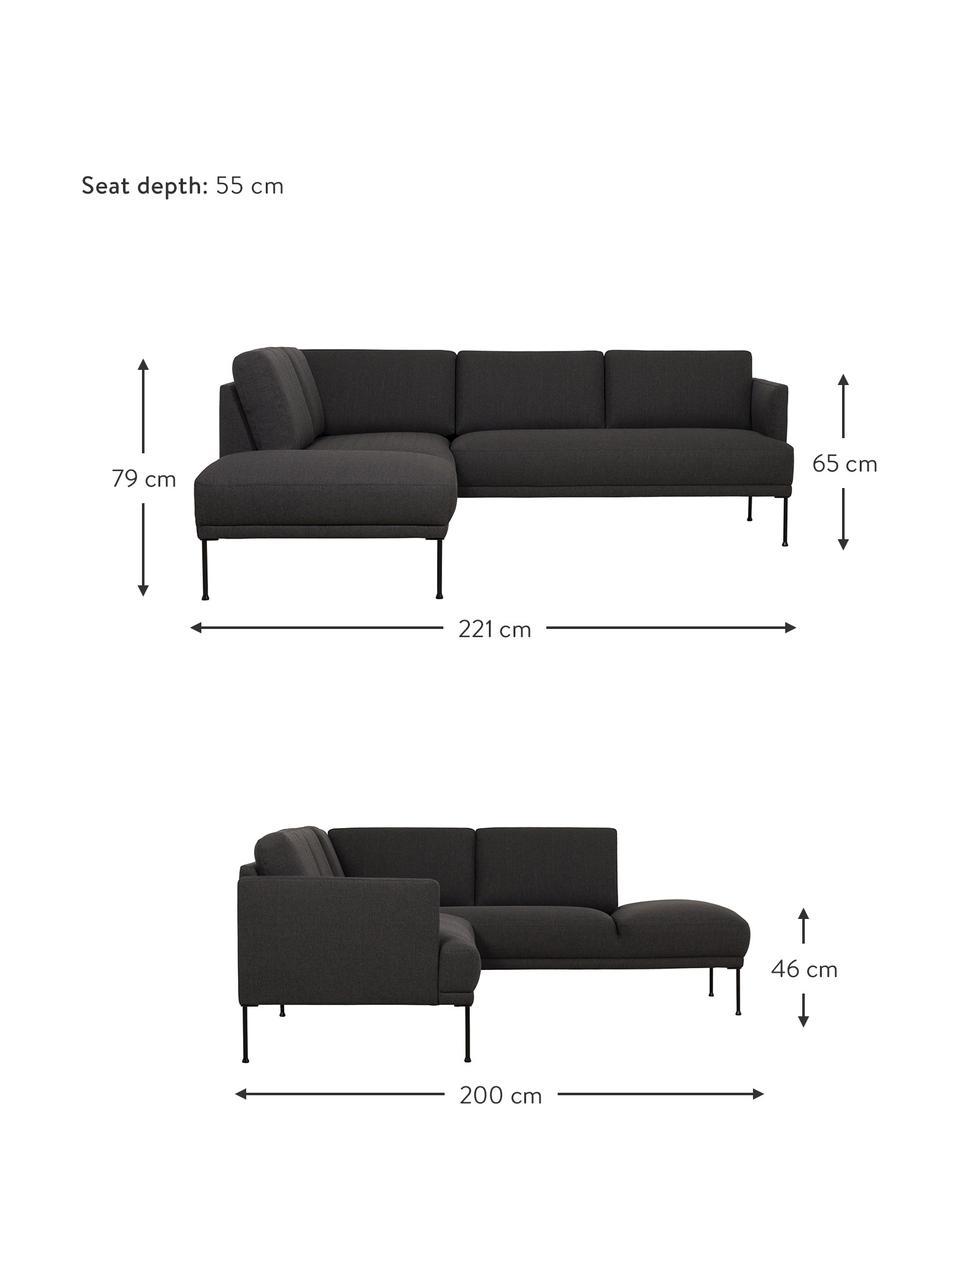 Canapé d'angle tissu gris foncé pieds en métal Fluente, Tissu gris foncé